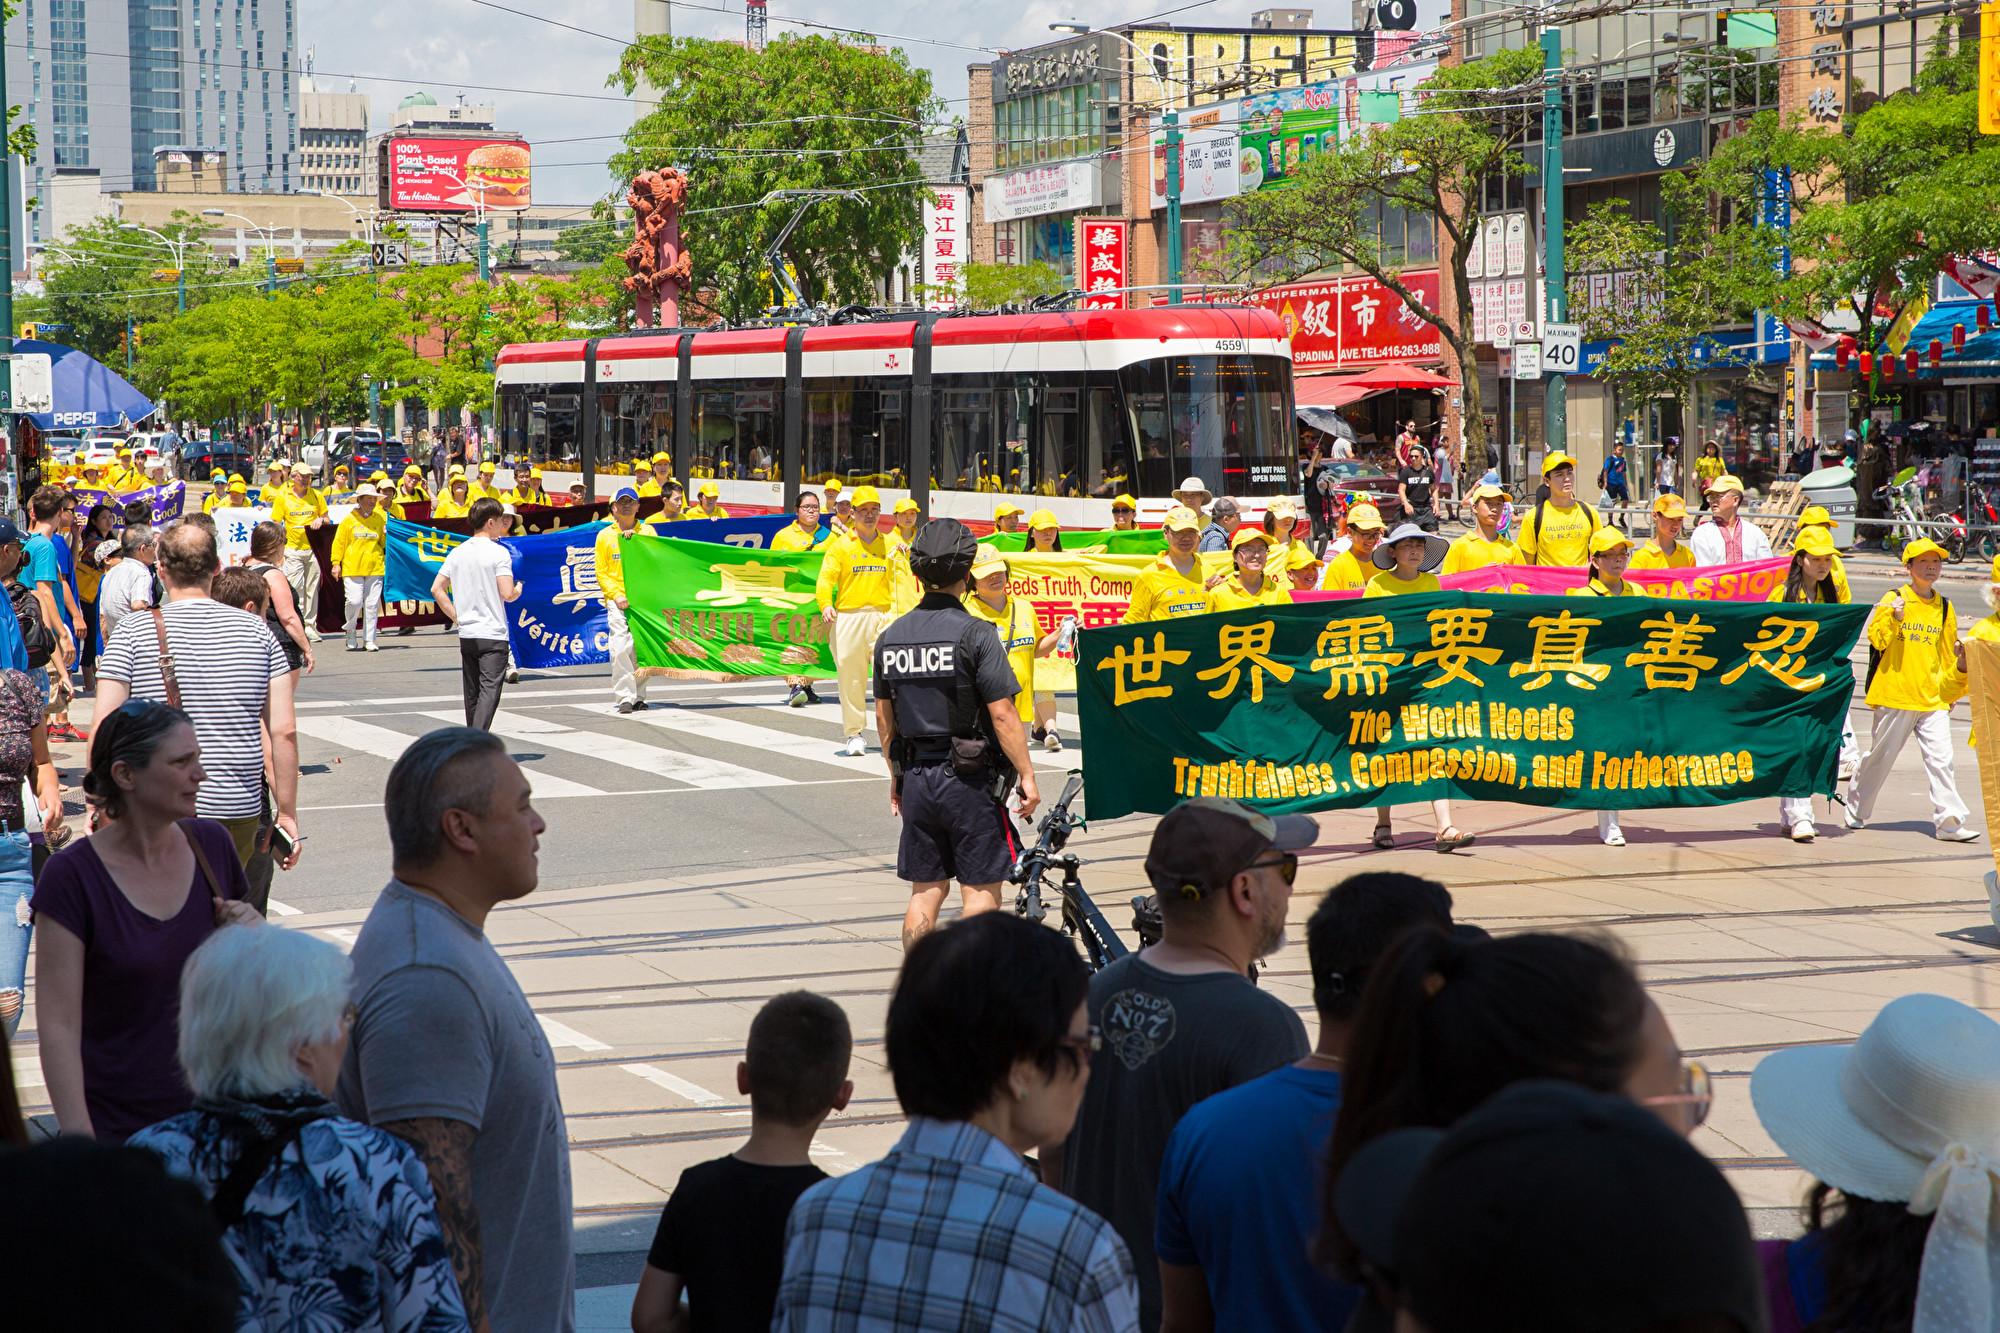 7月20日,加東地區法輪功學員舉行盛大遊行,紀念反迫害20周年,圖為學員手拿橫幅「世界需要真、善、忍」。(艾文/大紀元)